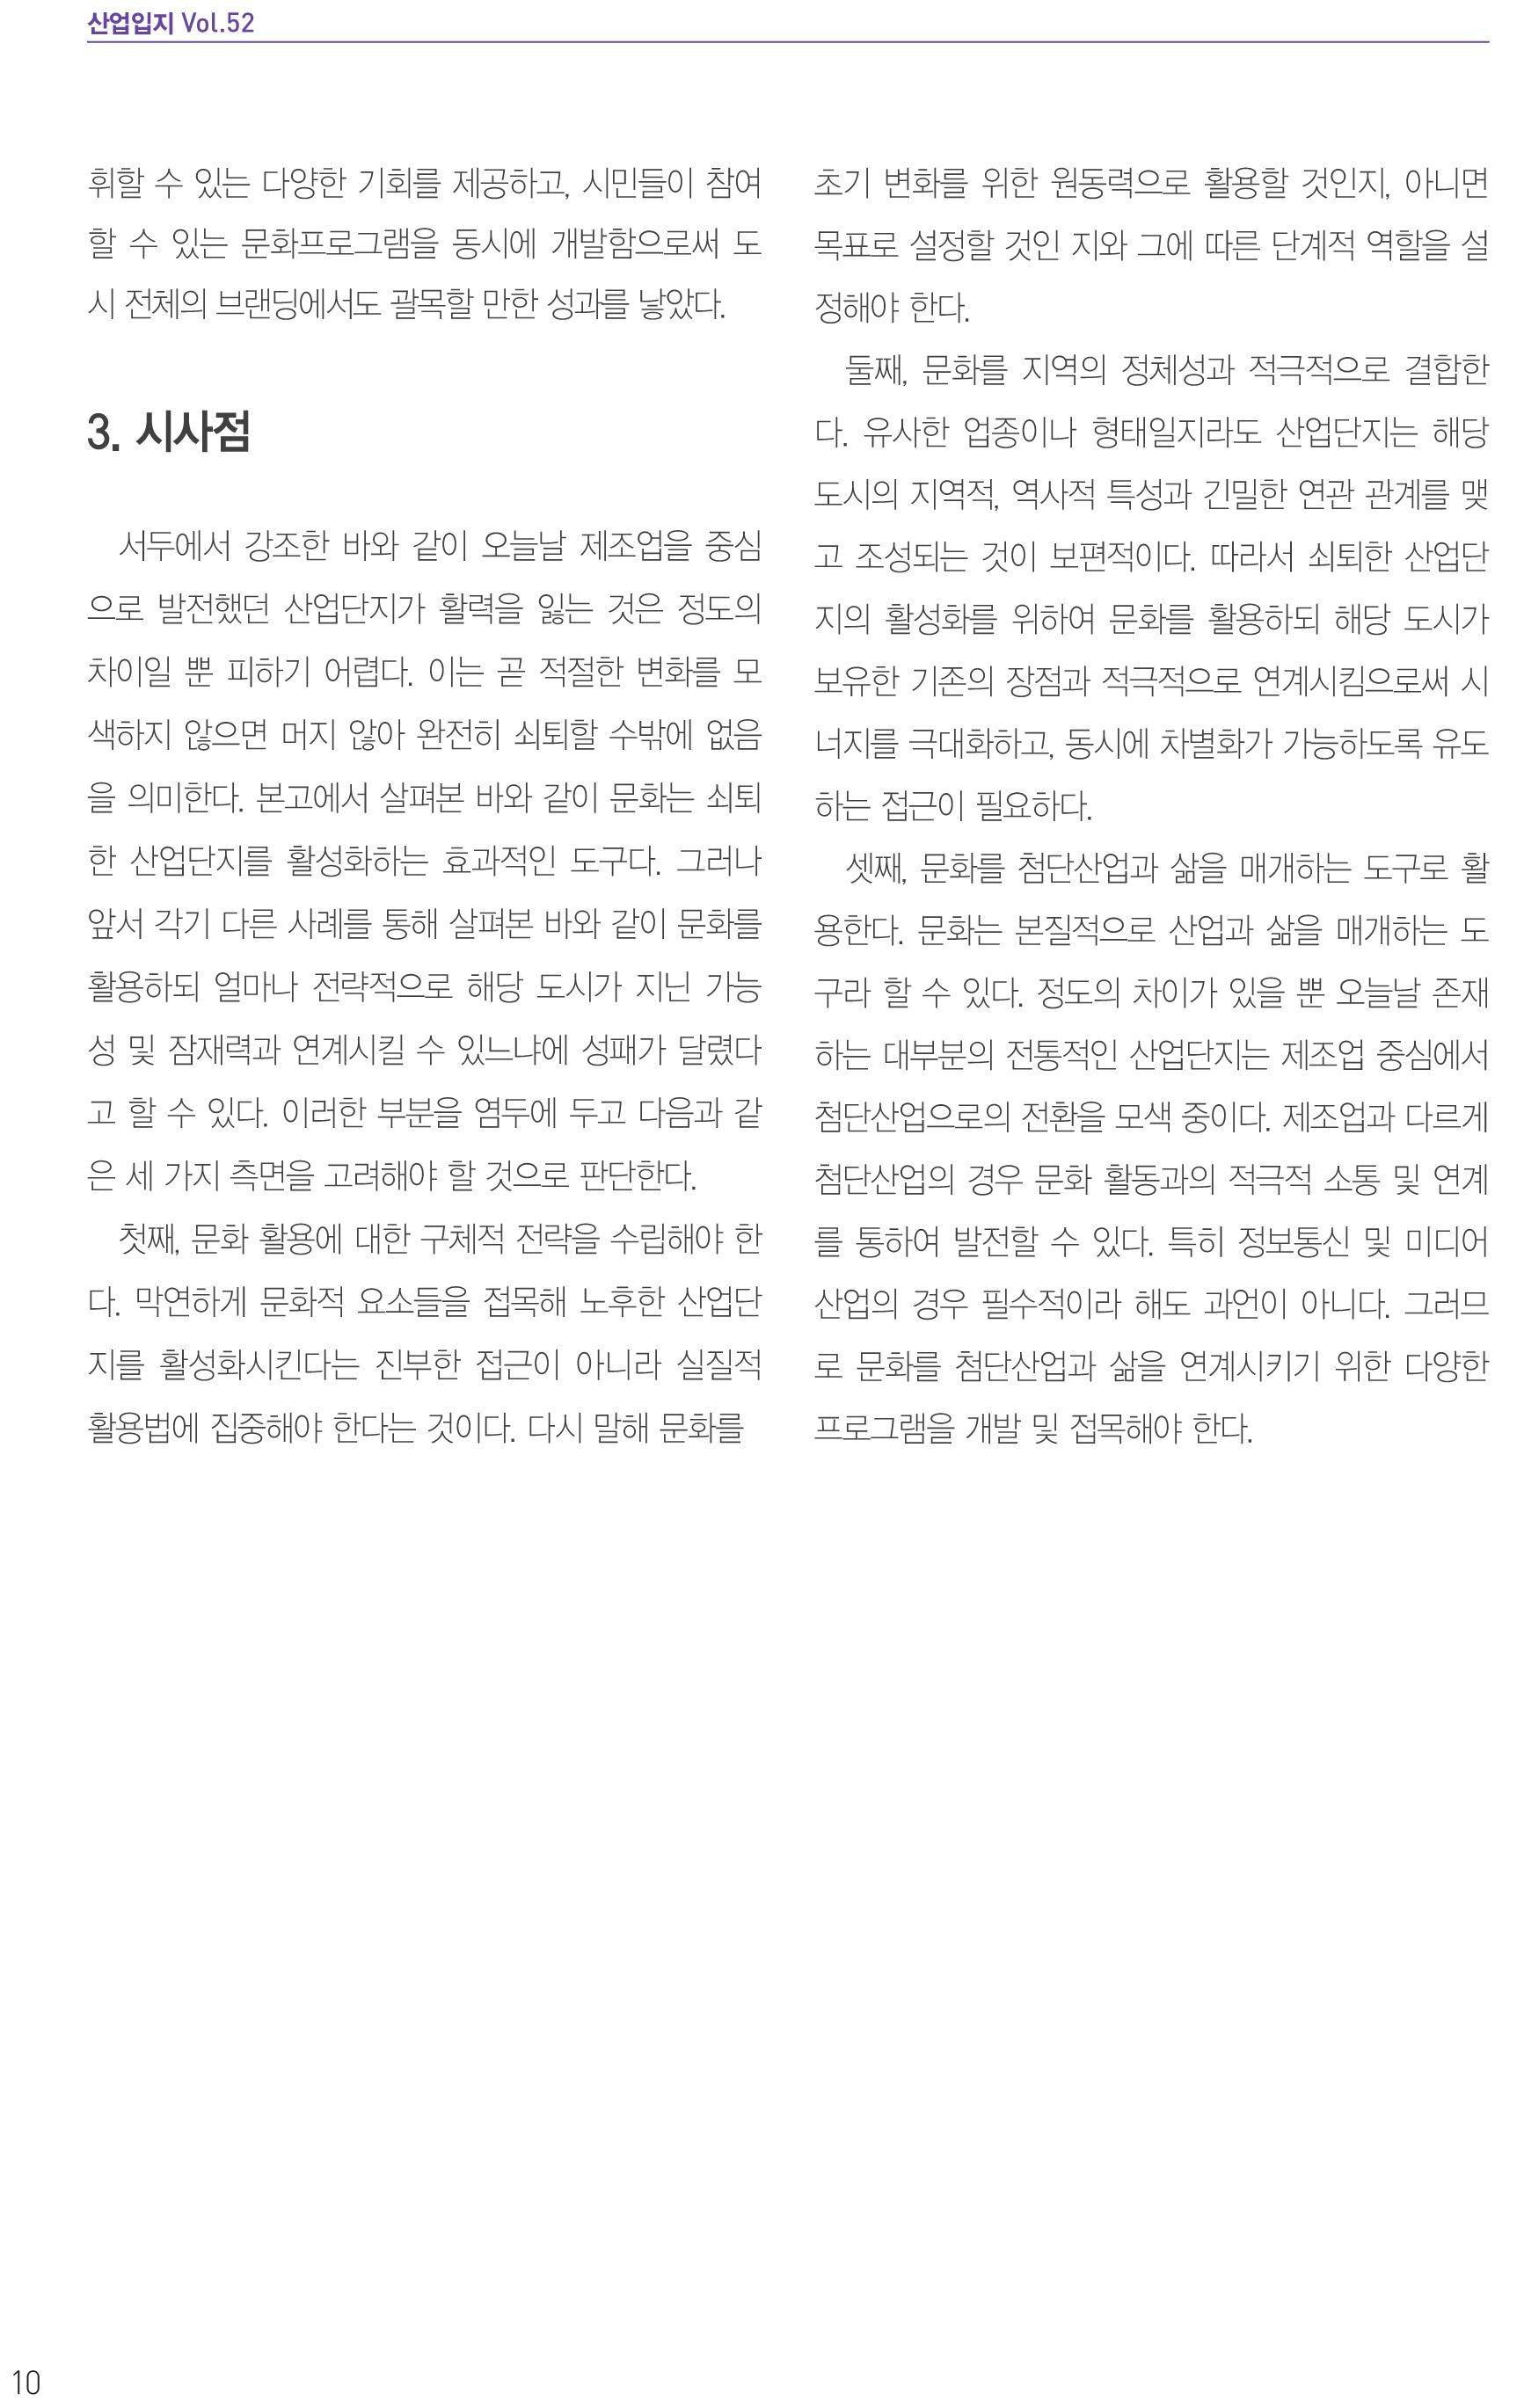 산업입지 52호_최종 (1)-10.jpg